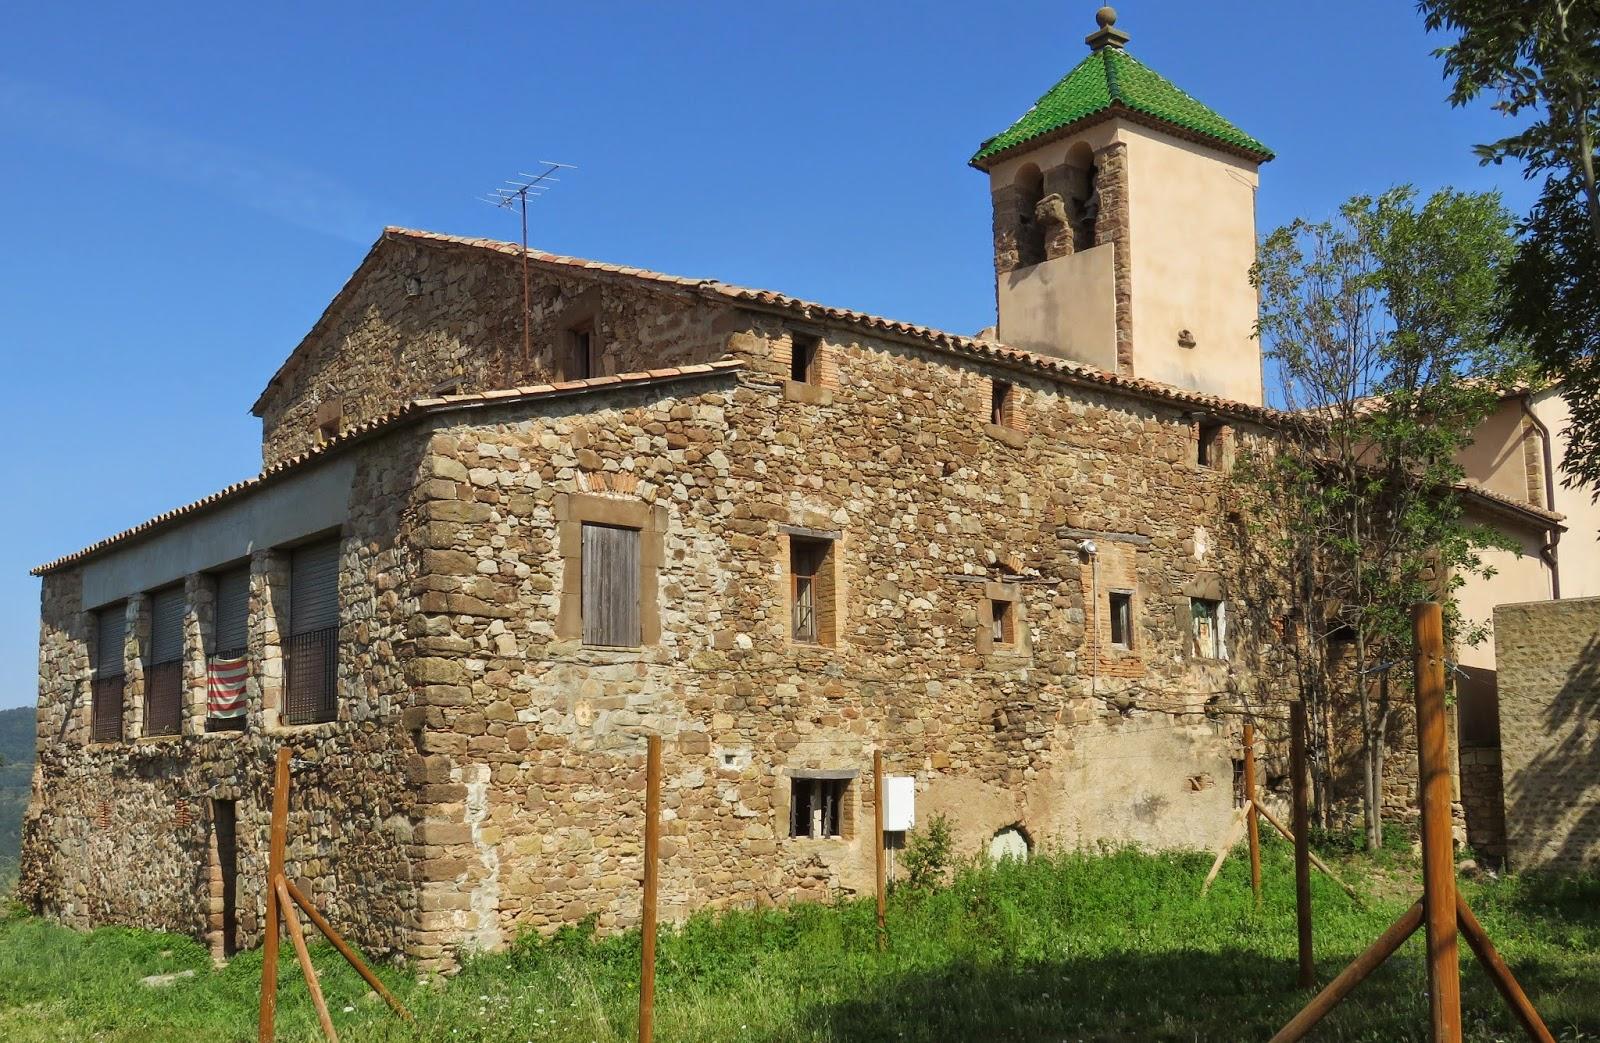 Església de Sant Quirze i Santa Julita de Muntanyola o Cal Campaner.